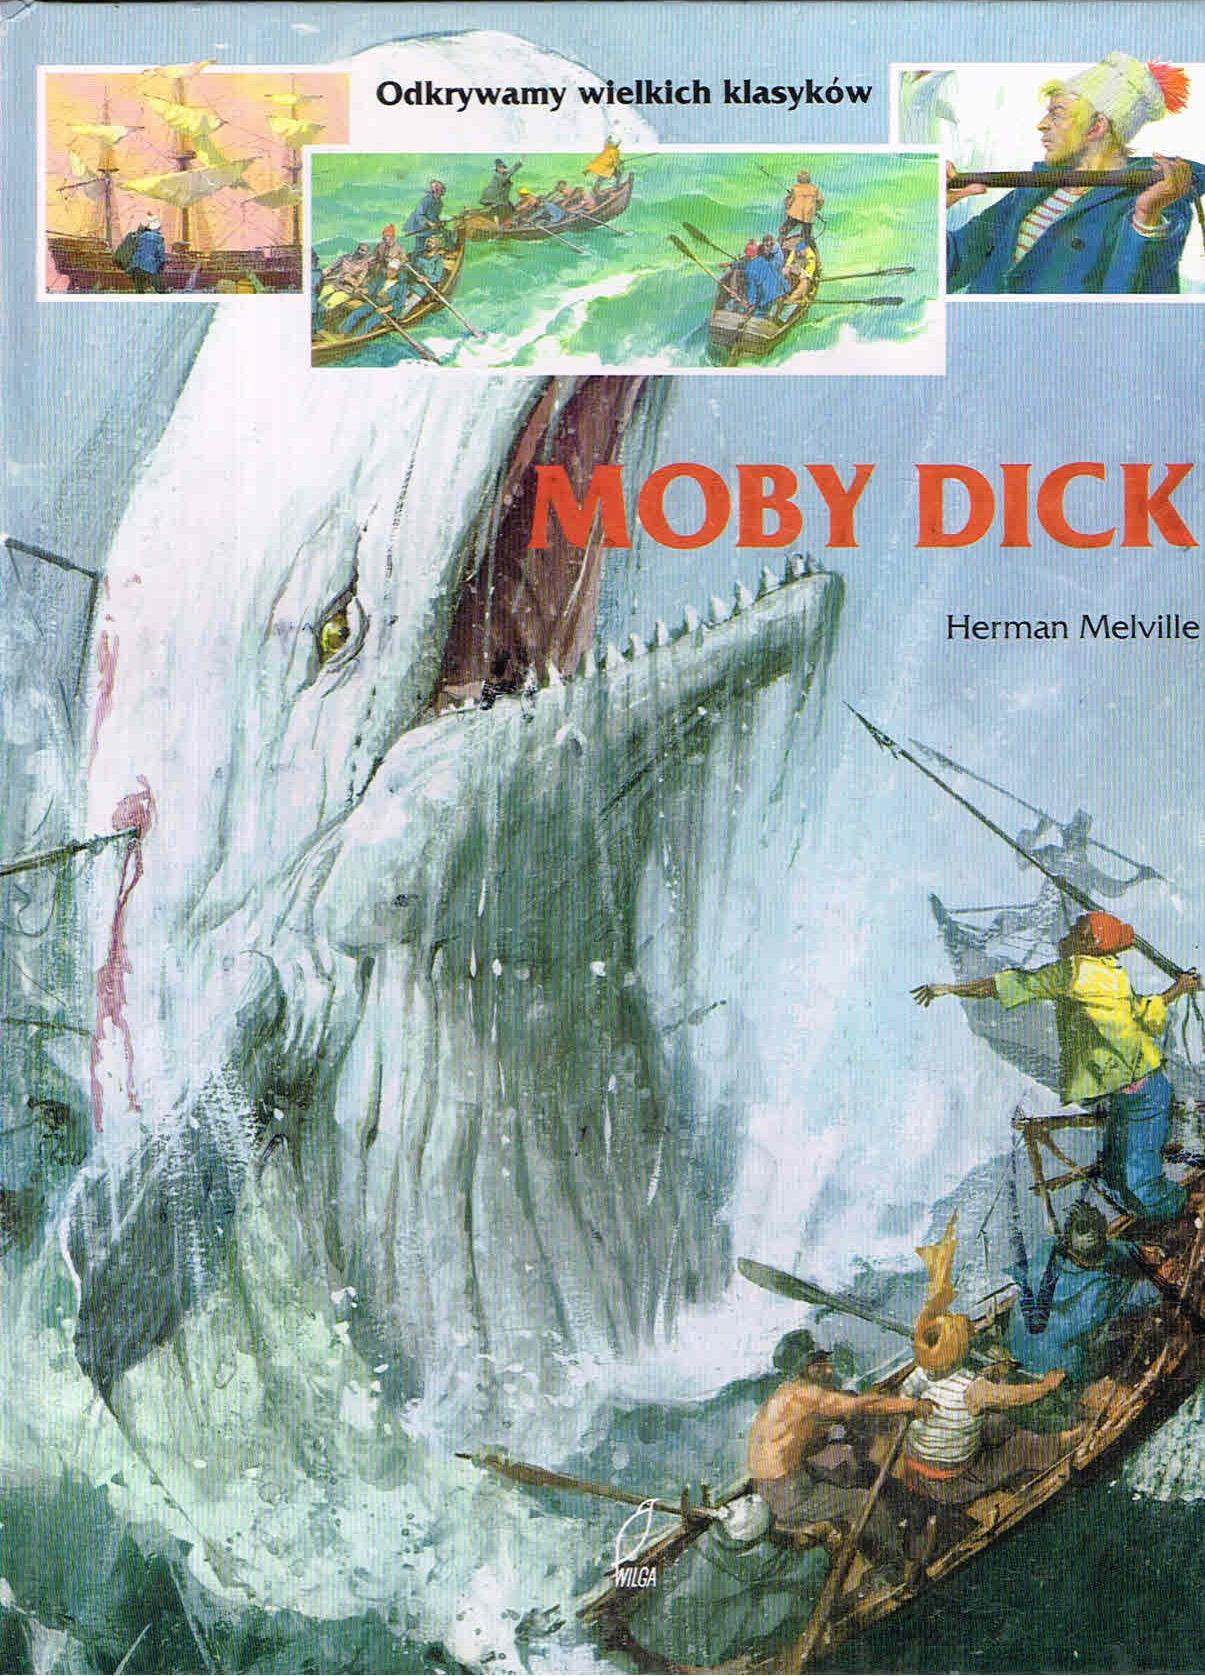 Moby Dick wielki czytać amatorskie robienie loda tube